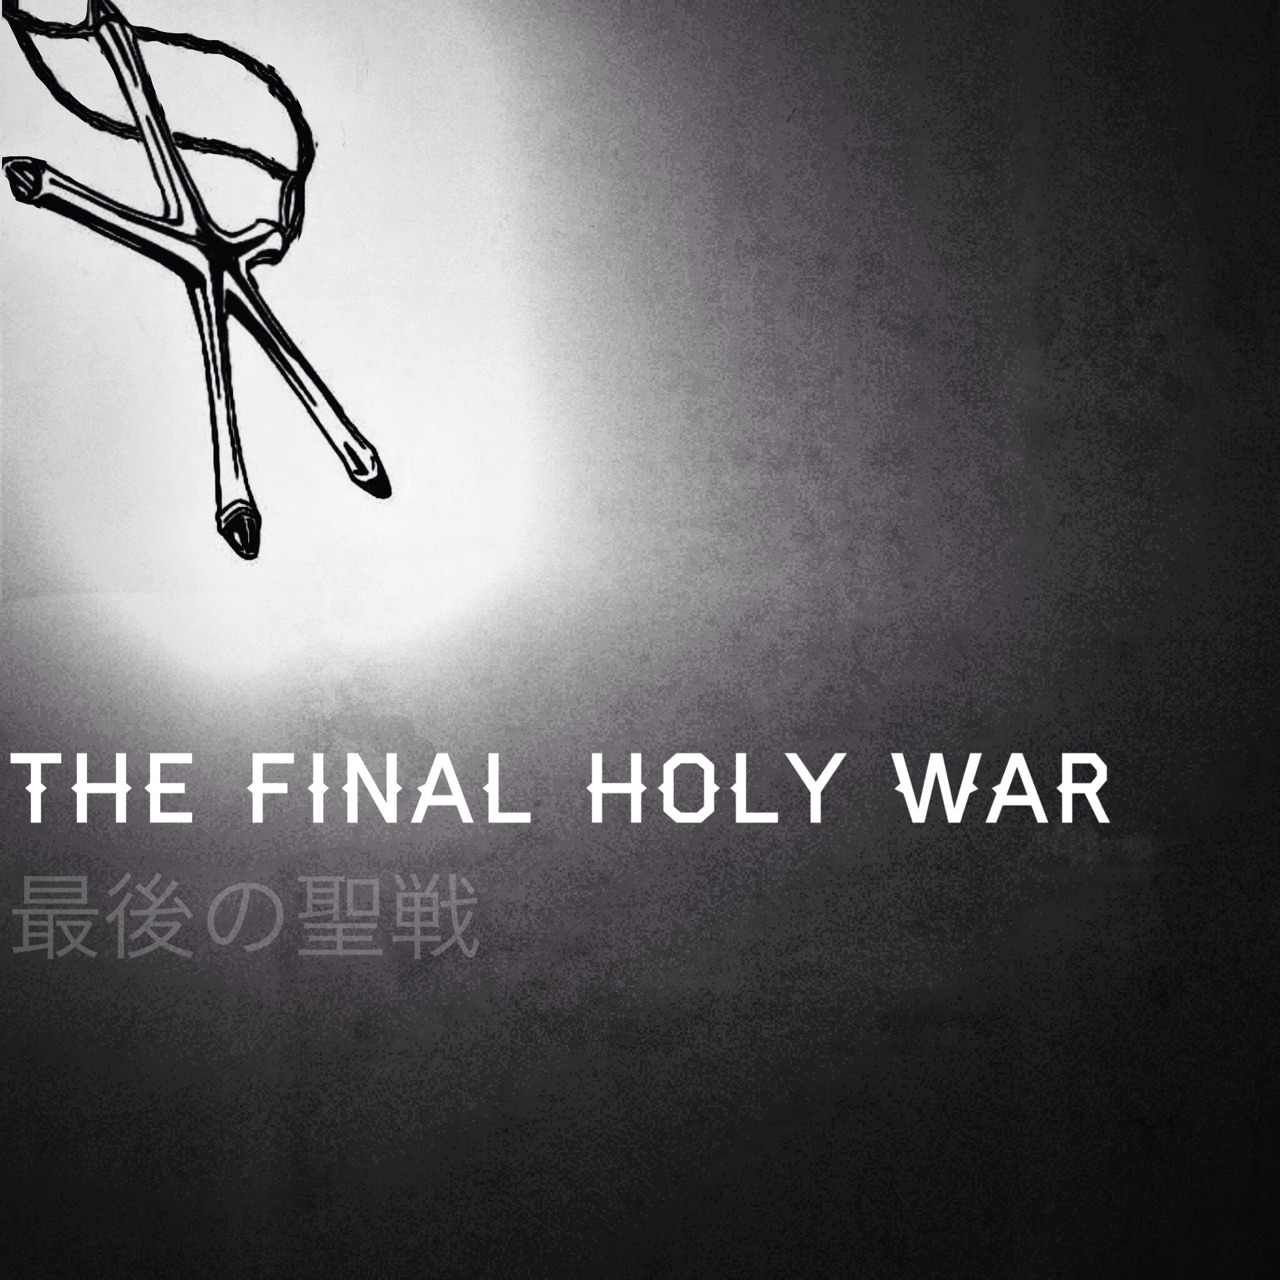 The Final Holy War. Bleach